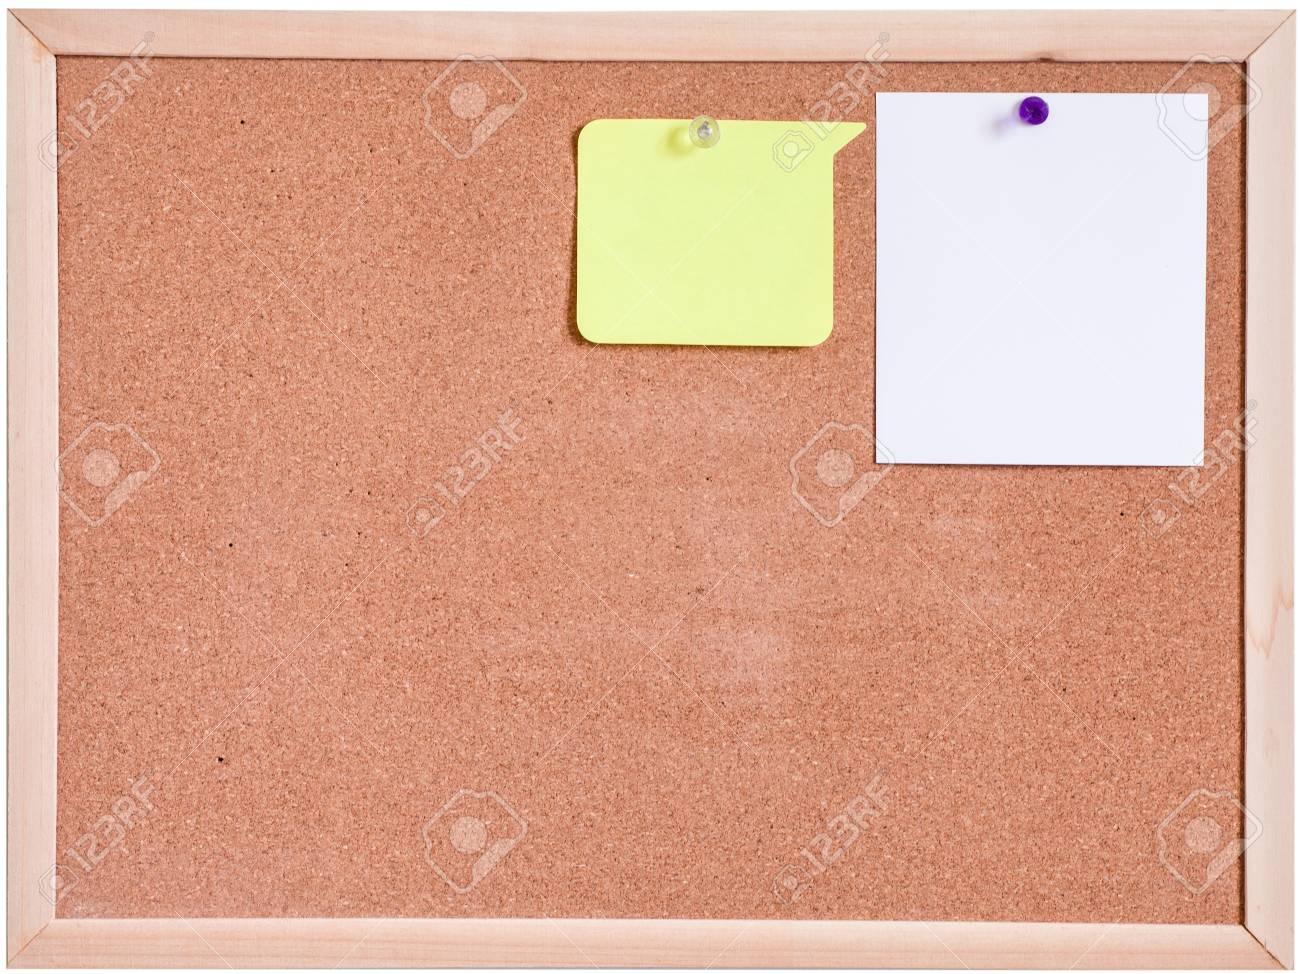 Berühmt Weiß Eingerahmt Kork Bord Bilder - Benutzerdefinierte ...